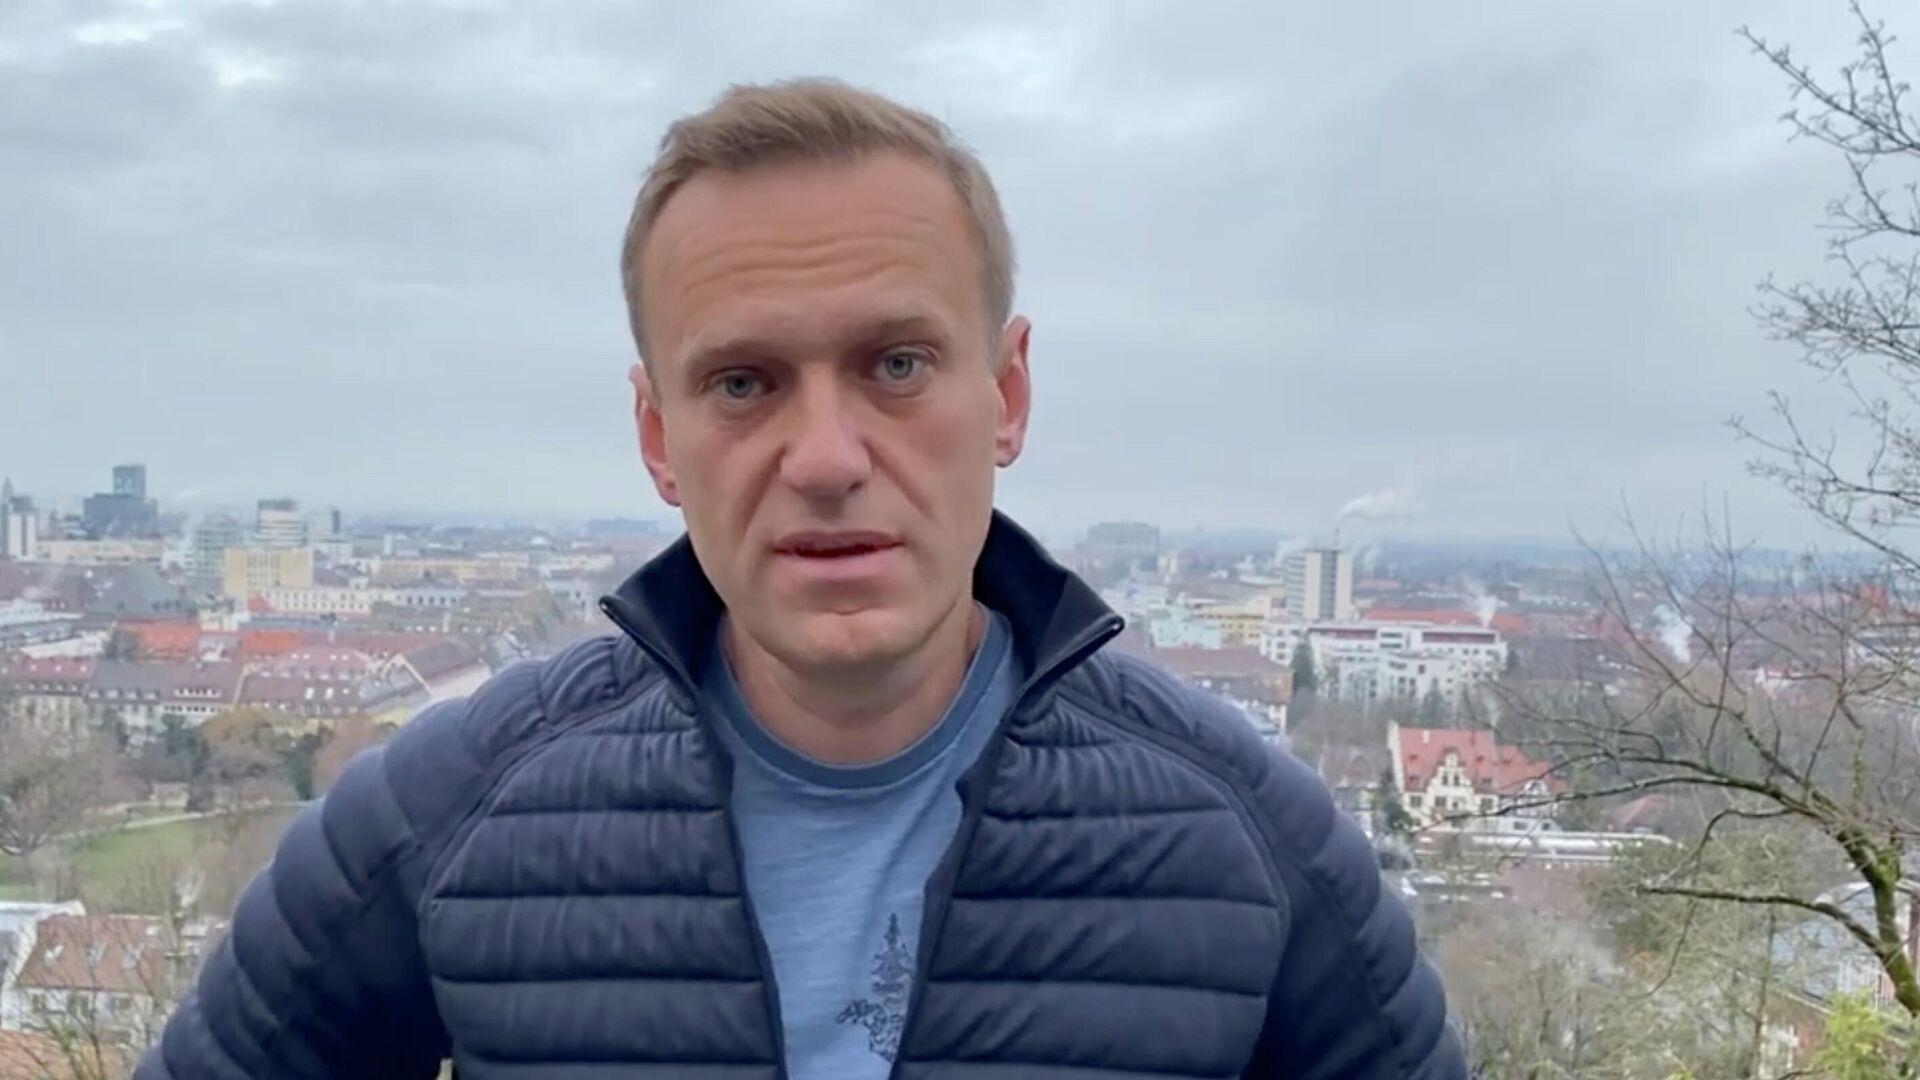 Алексей Навальный в Германии - РИА Новости, 1920, 25.01.2021